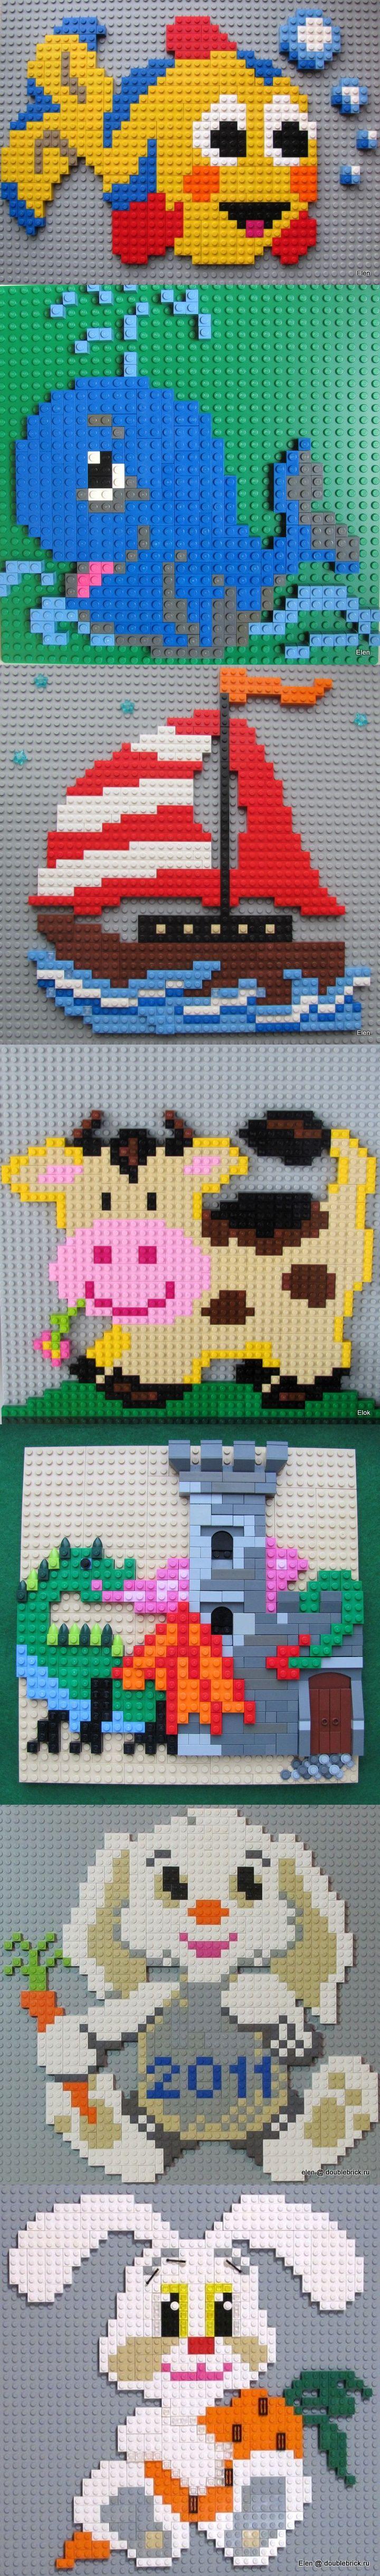 Cute LEGO mosaics! (by Elena) #LEGO #mosaic